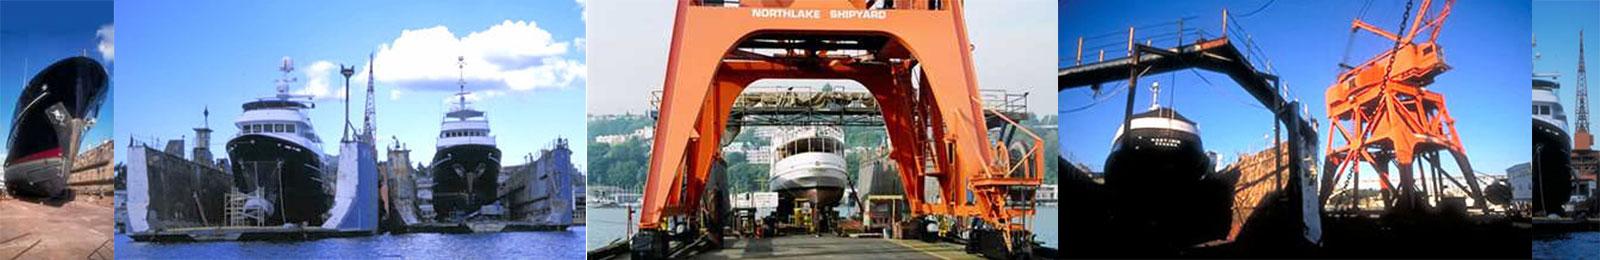 Shipyard Layout